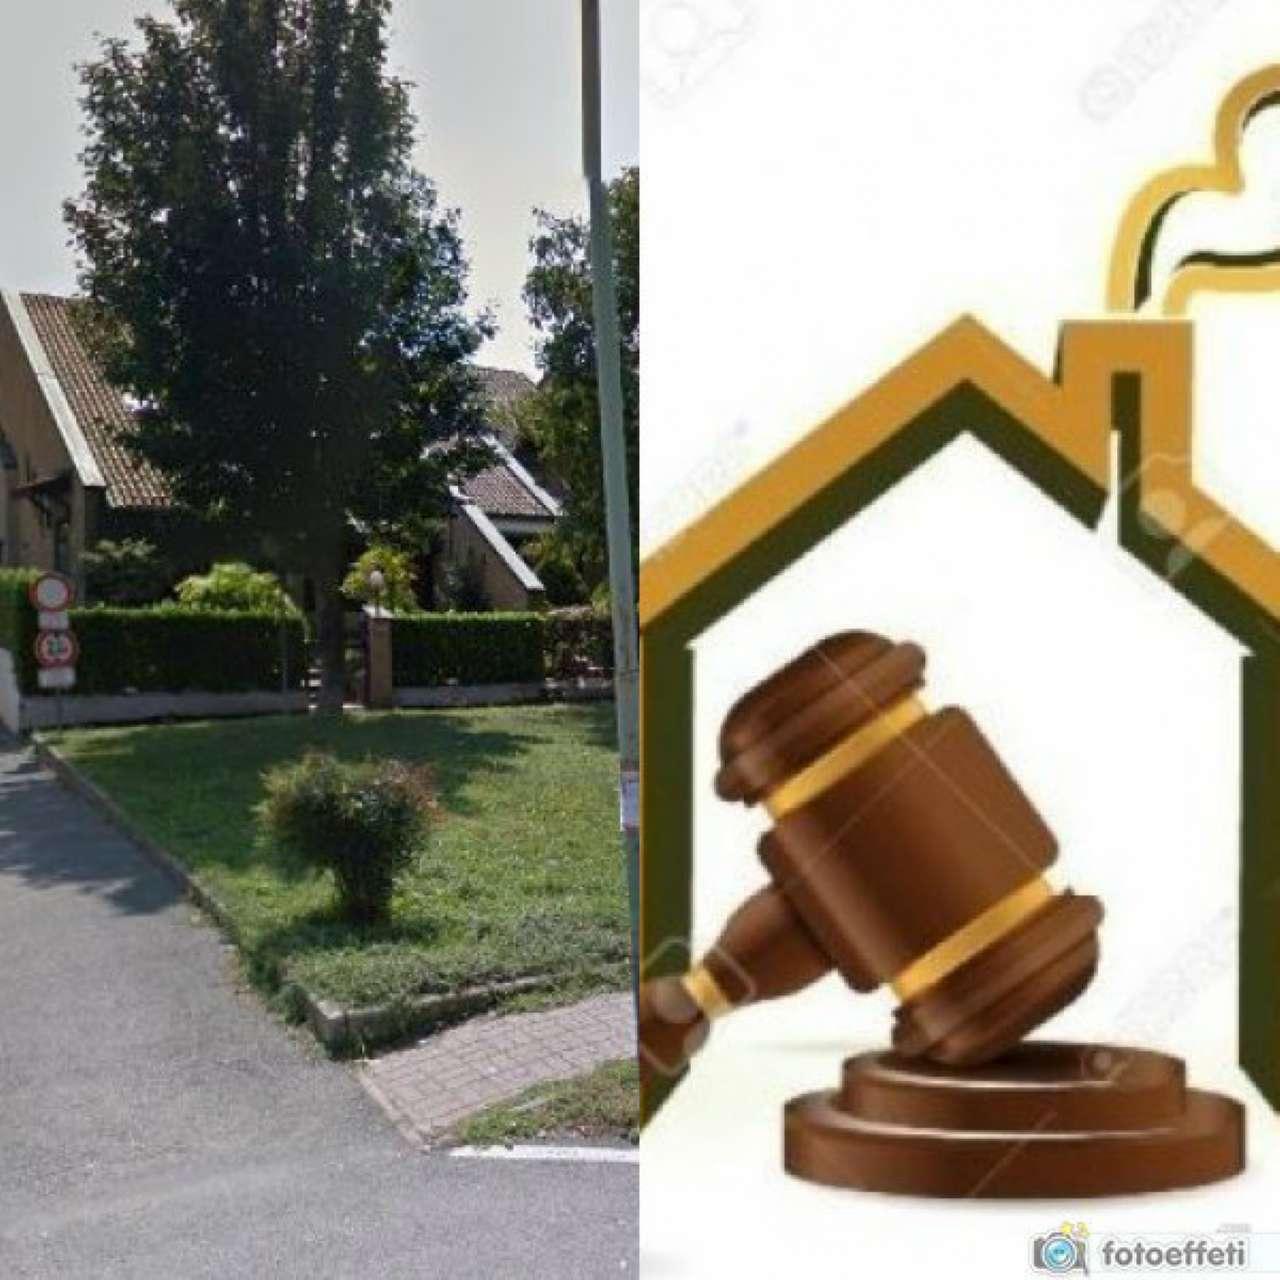 Villa in vendita a Buttigliera Alta, 5 locali, prezzo € 165.000 | CambioCasa.it